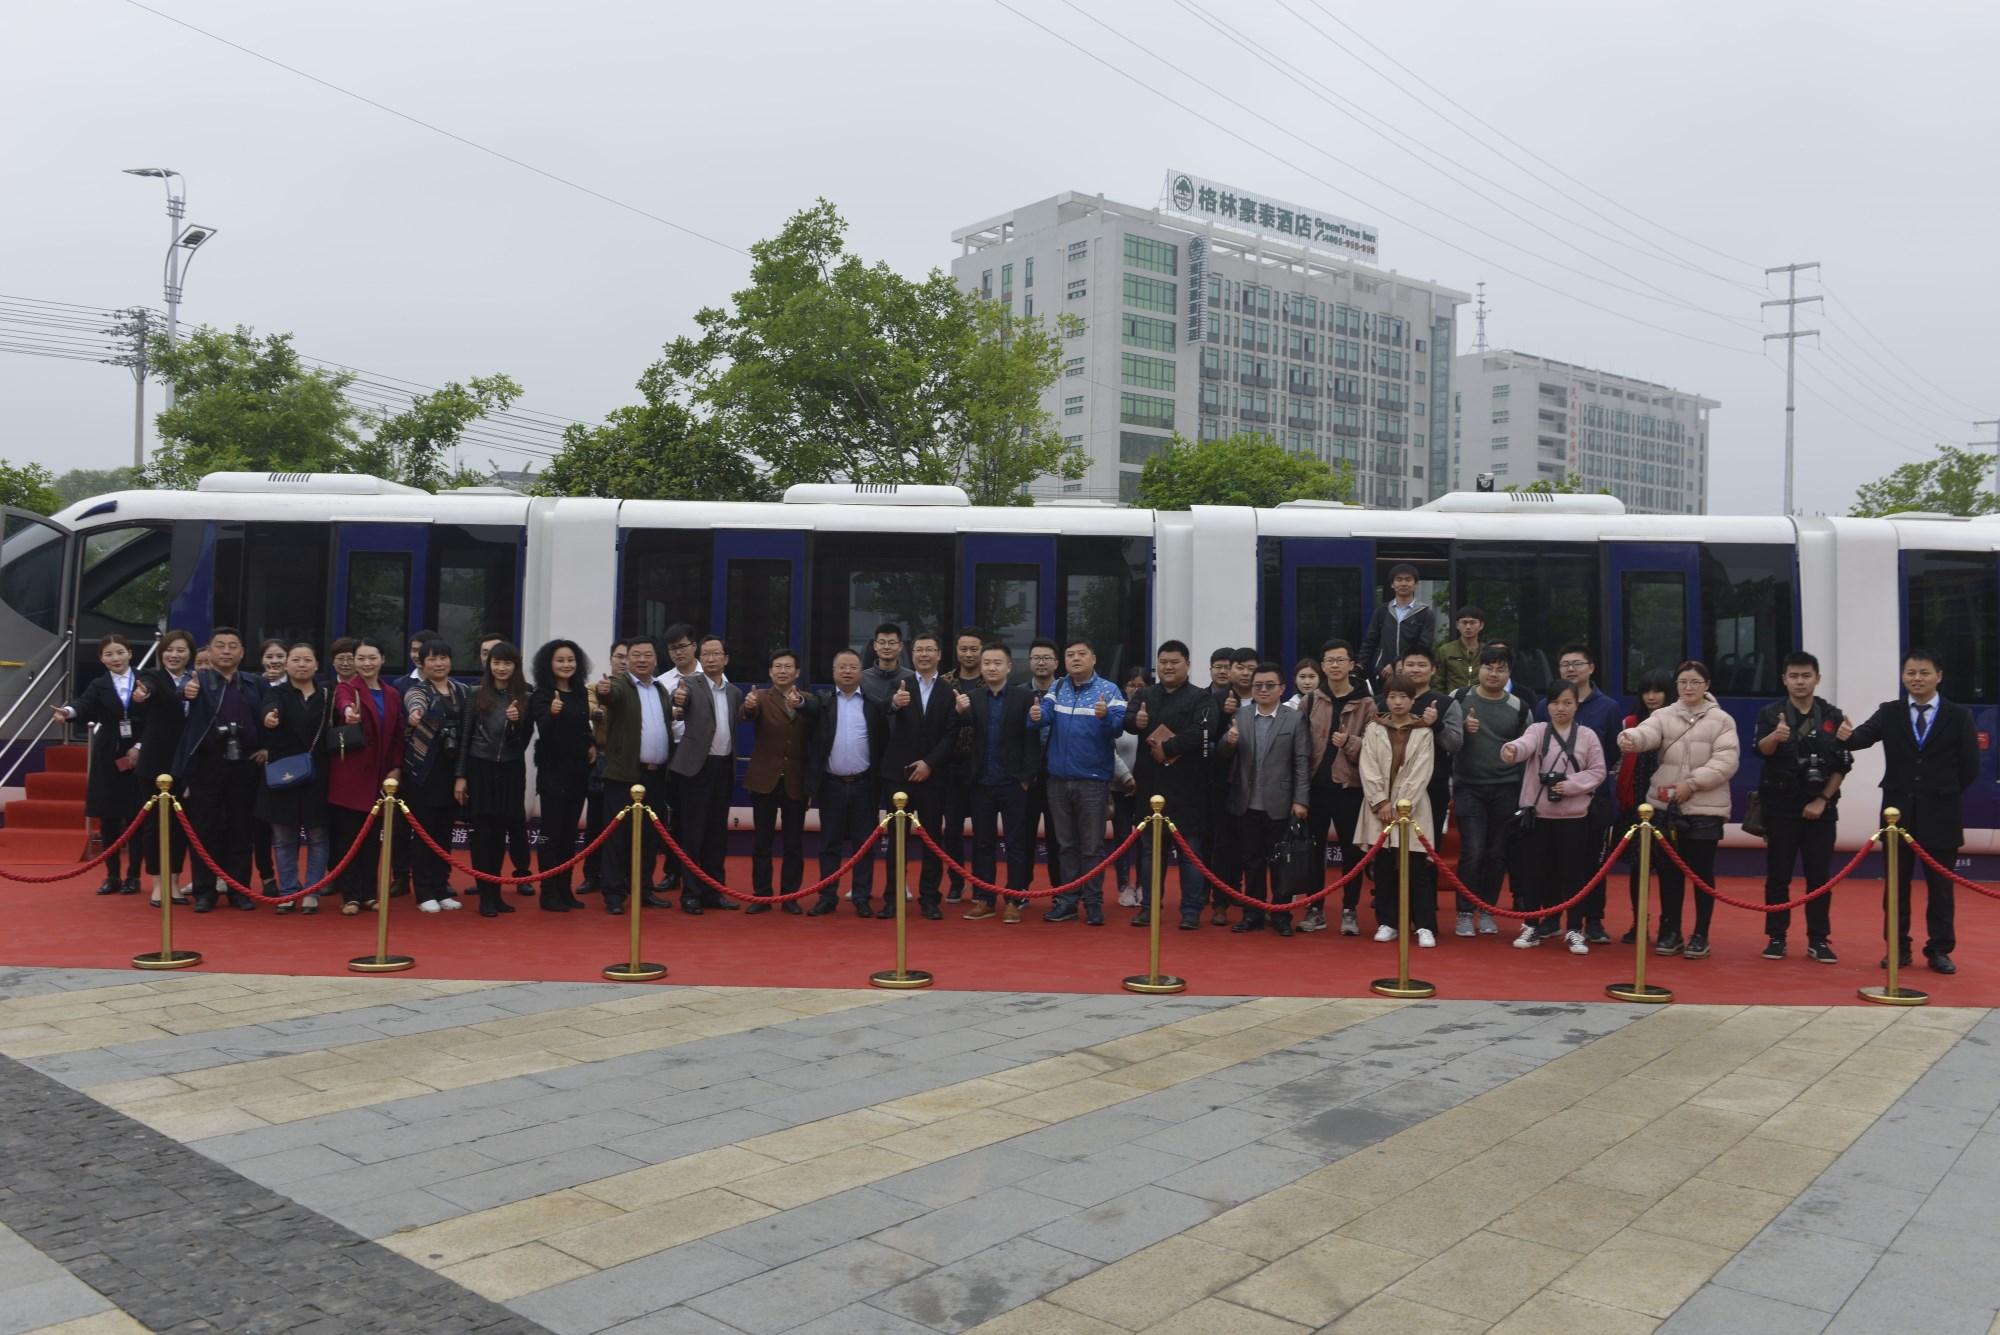 祥源颍淮生态文化旅游区 举行2018年第一批文旅项目集中开工仪式-中国网地产